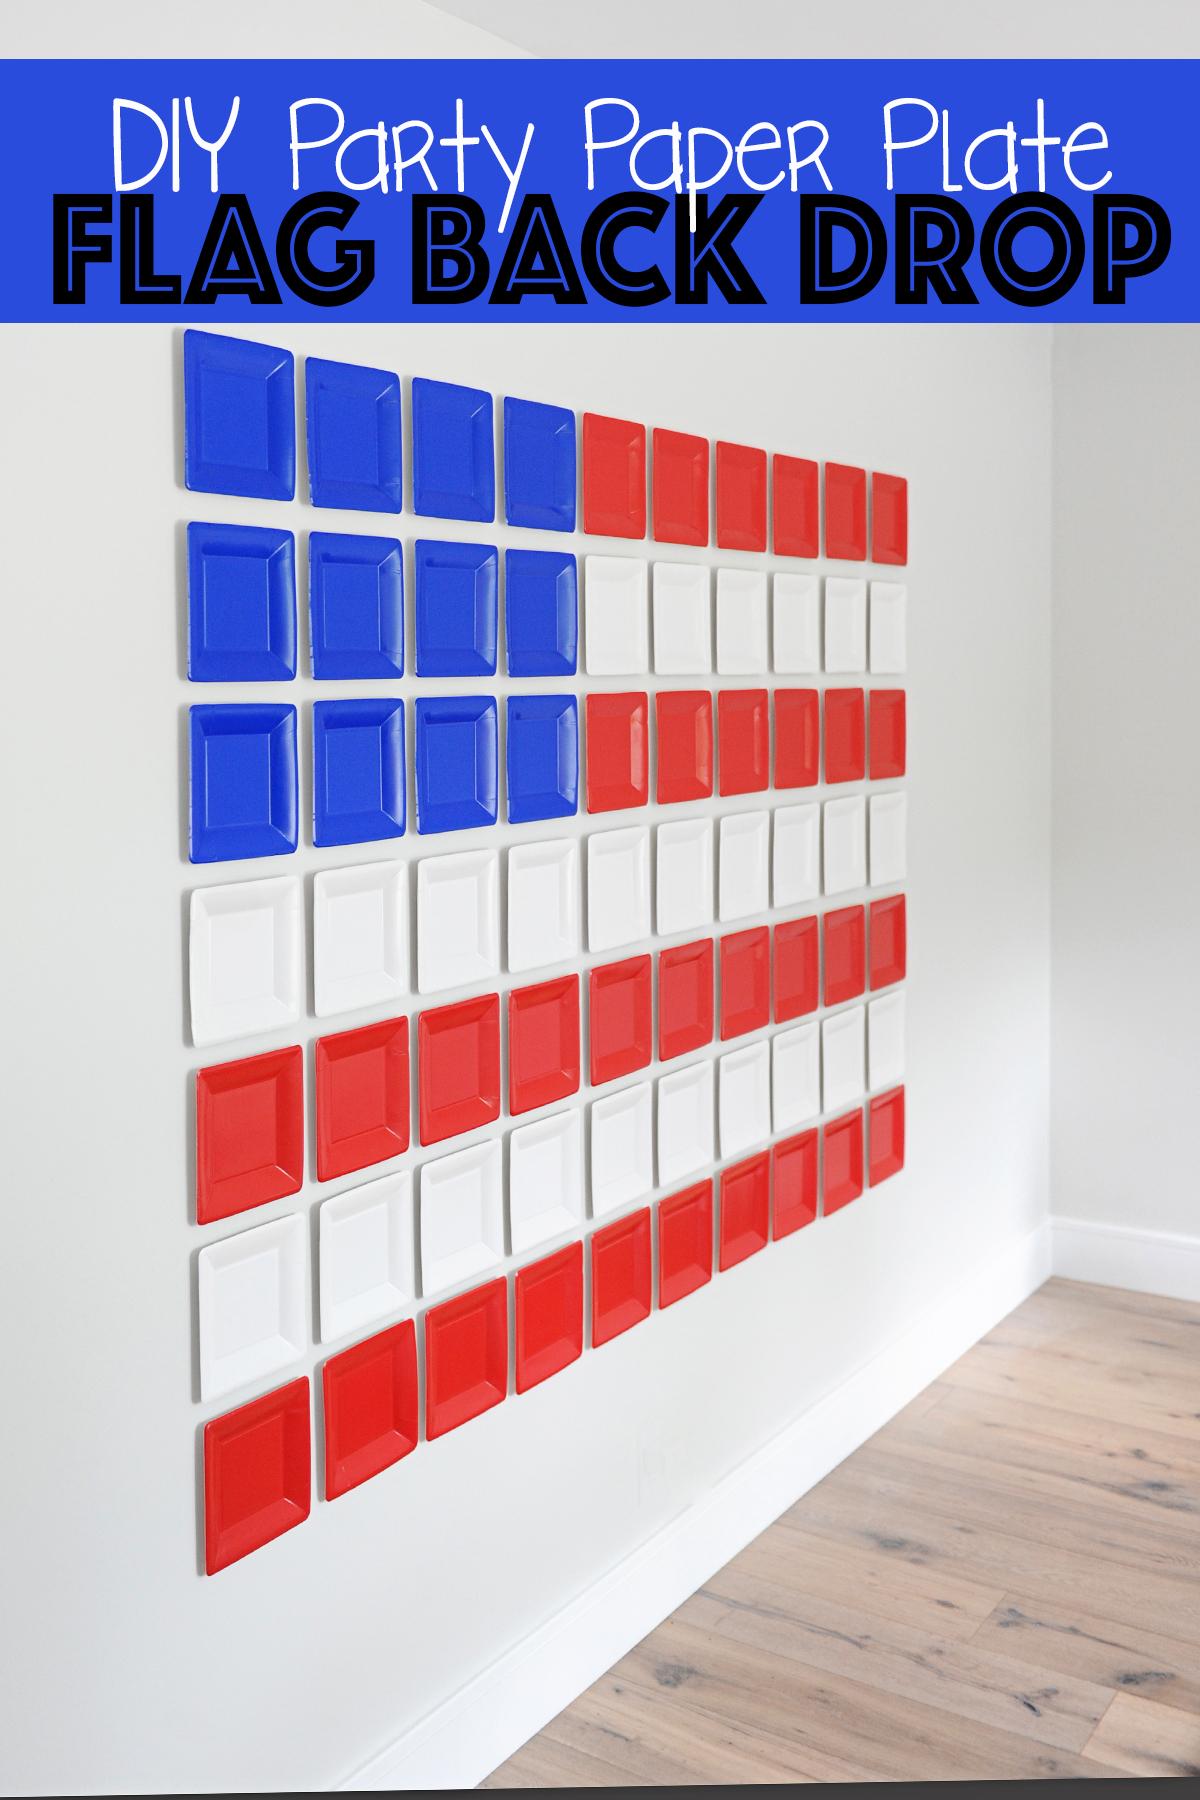 diy patriotic party backdrop idea